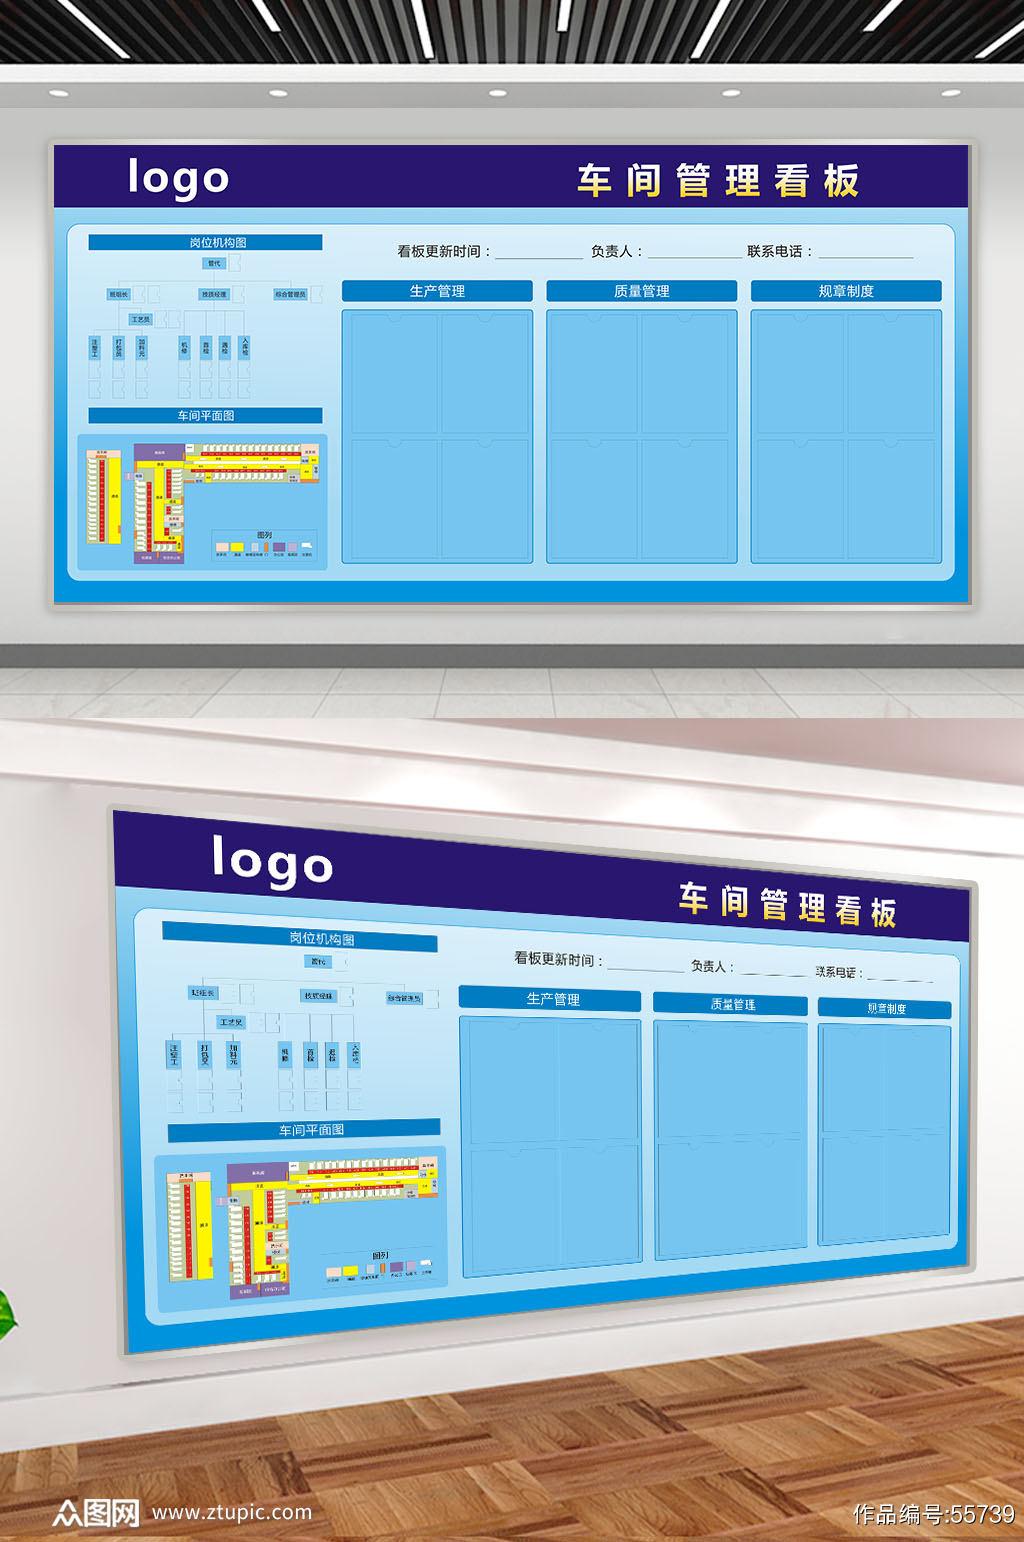 企业车间管理看板公告栏素材